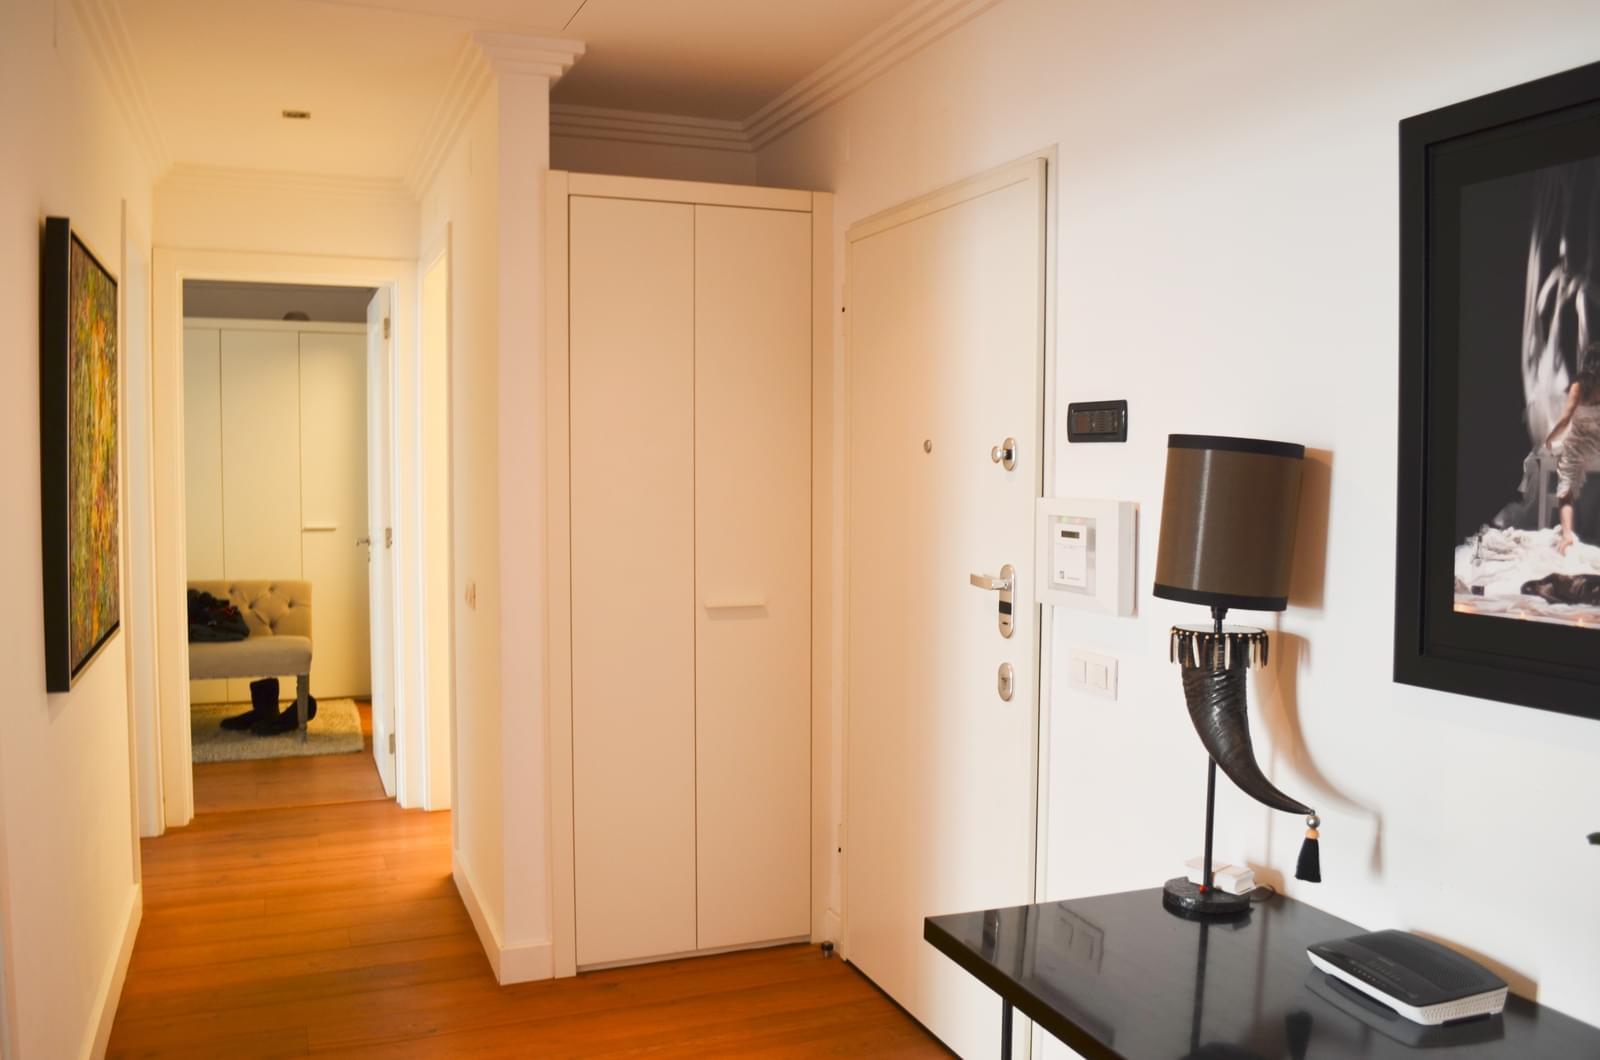 pf18712-apartamento-t2-lisboa-0ea389a0-1b31-4ac2-bdb7-afc374bdba1e